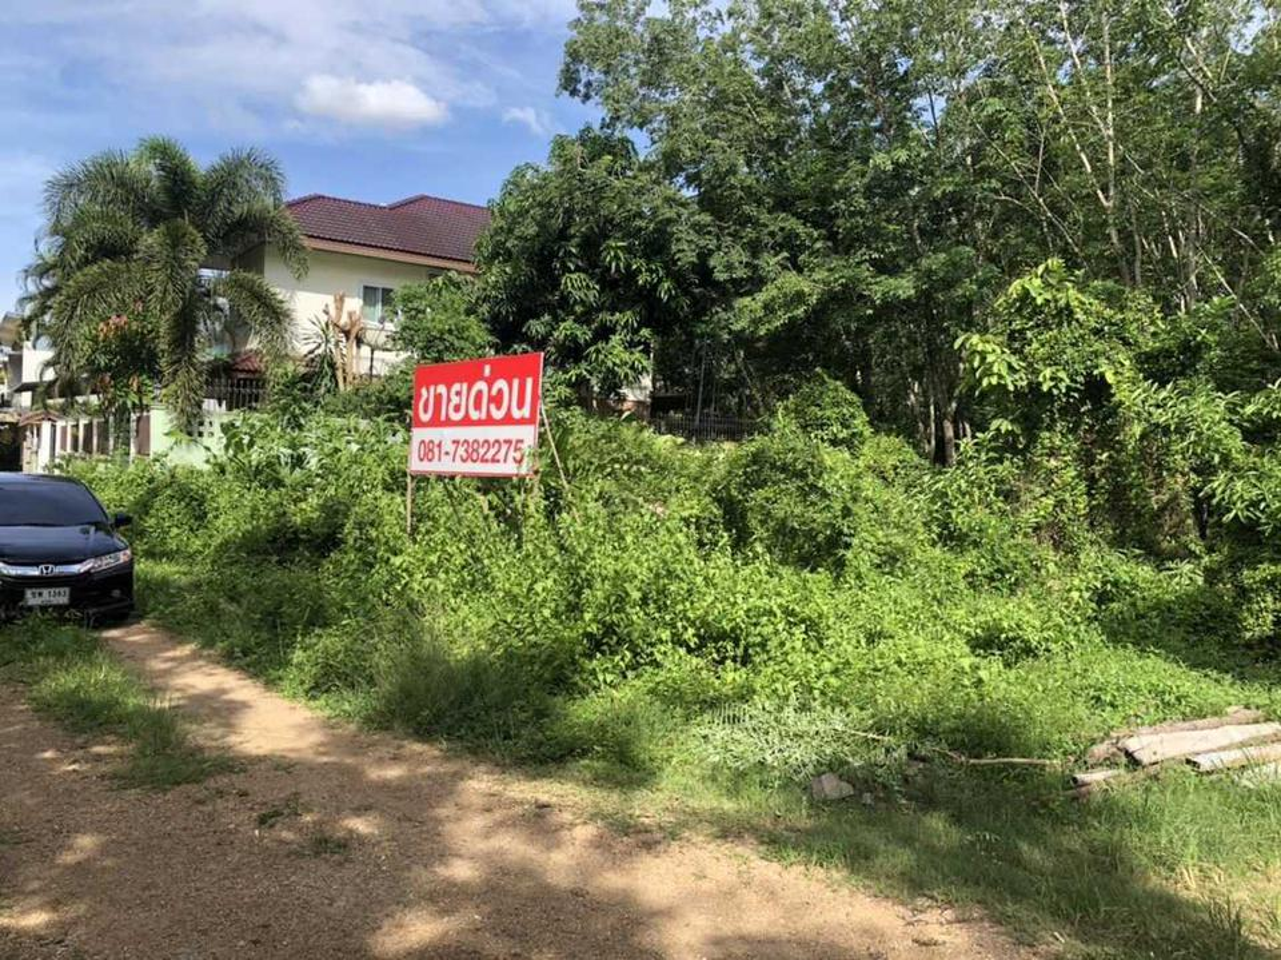 ขายด่วน!!! ที่ดิน พื้นที่ขนาด 94 ตารางวา บ้านหนองนายขุ้ย ไม่ไกลจากถนนใหญ่สายลพบุรีราเมศวร์ อ.หาดใหญ่ จ.สงขลา รูปที่ 3